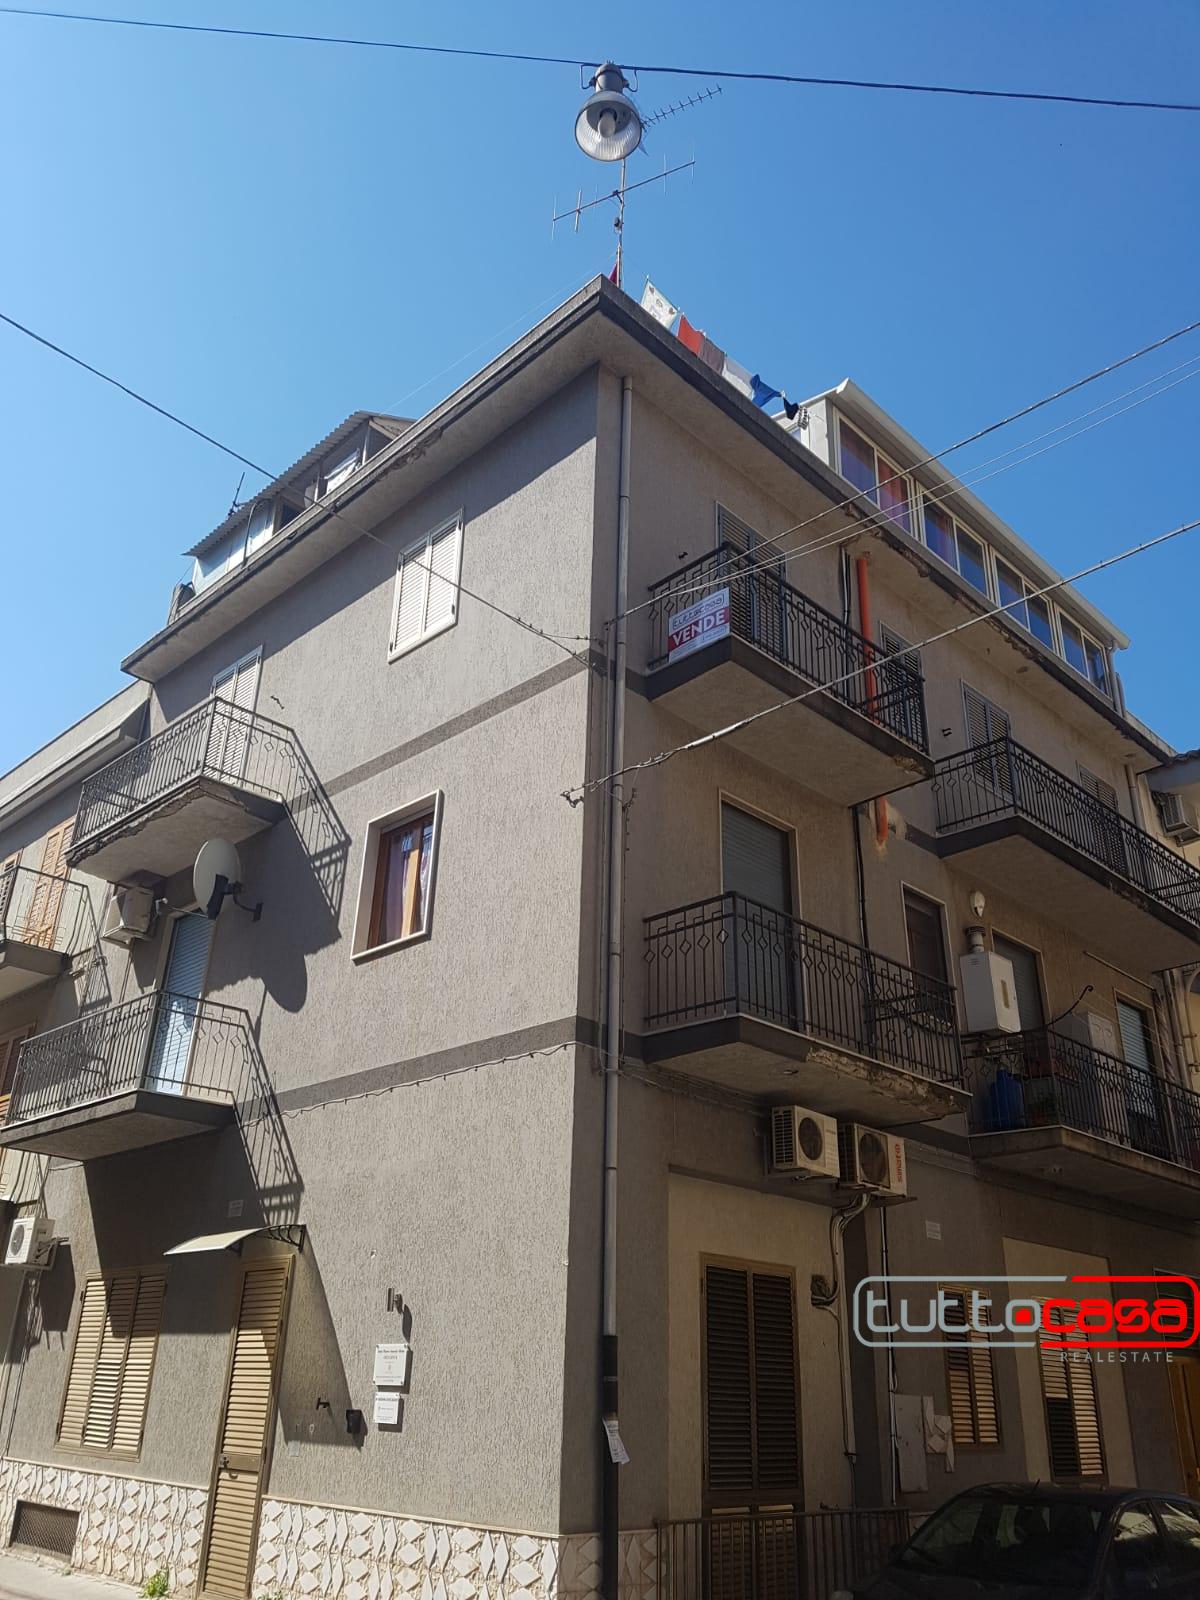 Appartamento in vendita a Scicli, 7 locali, zona li, prezzo € 130.000 | PortaleAgenzieImmobiliari.it